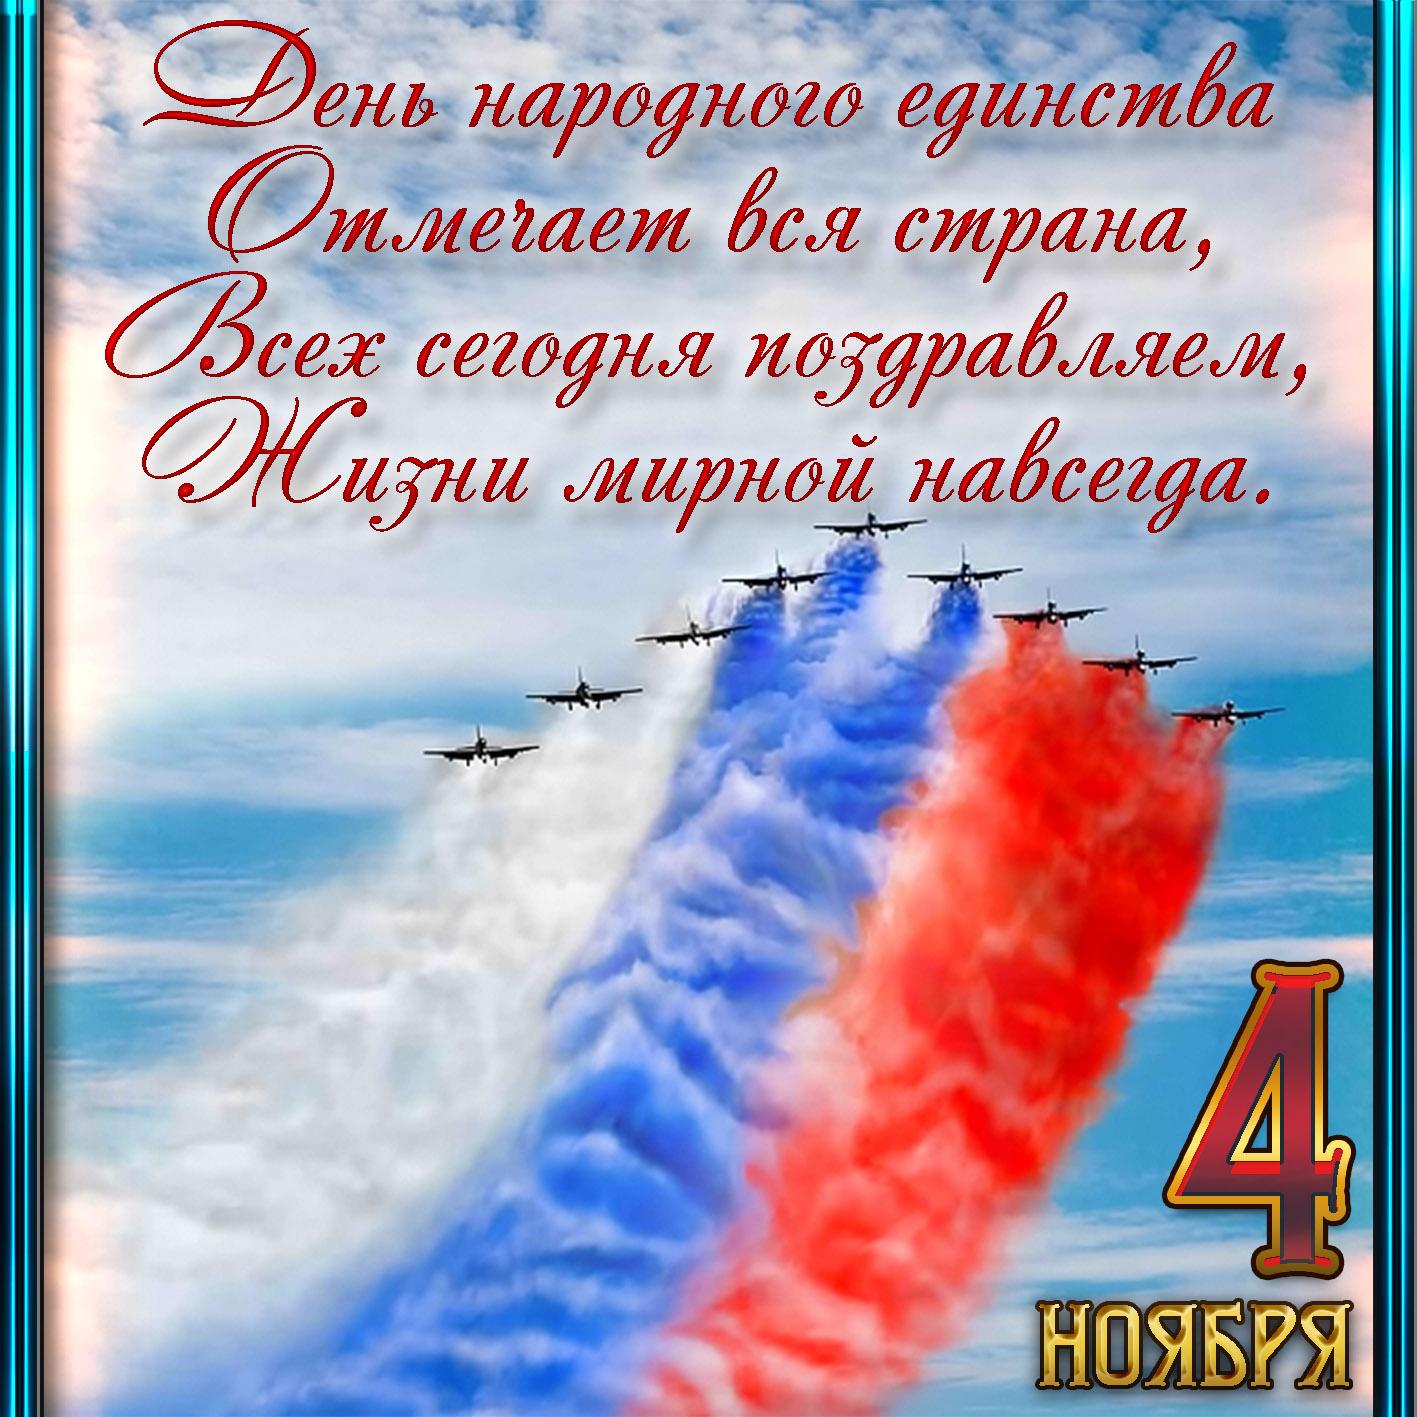 Поздравления с днем народного единства коротко